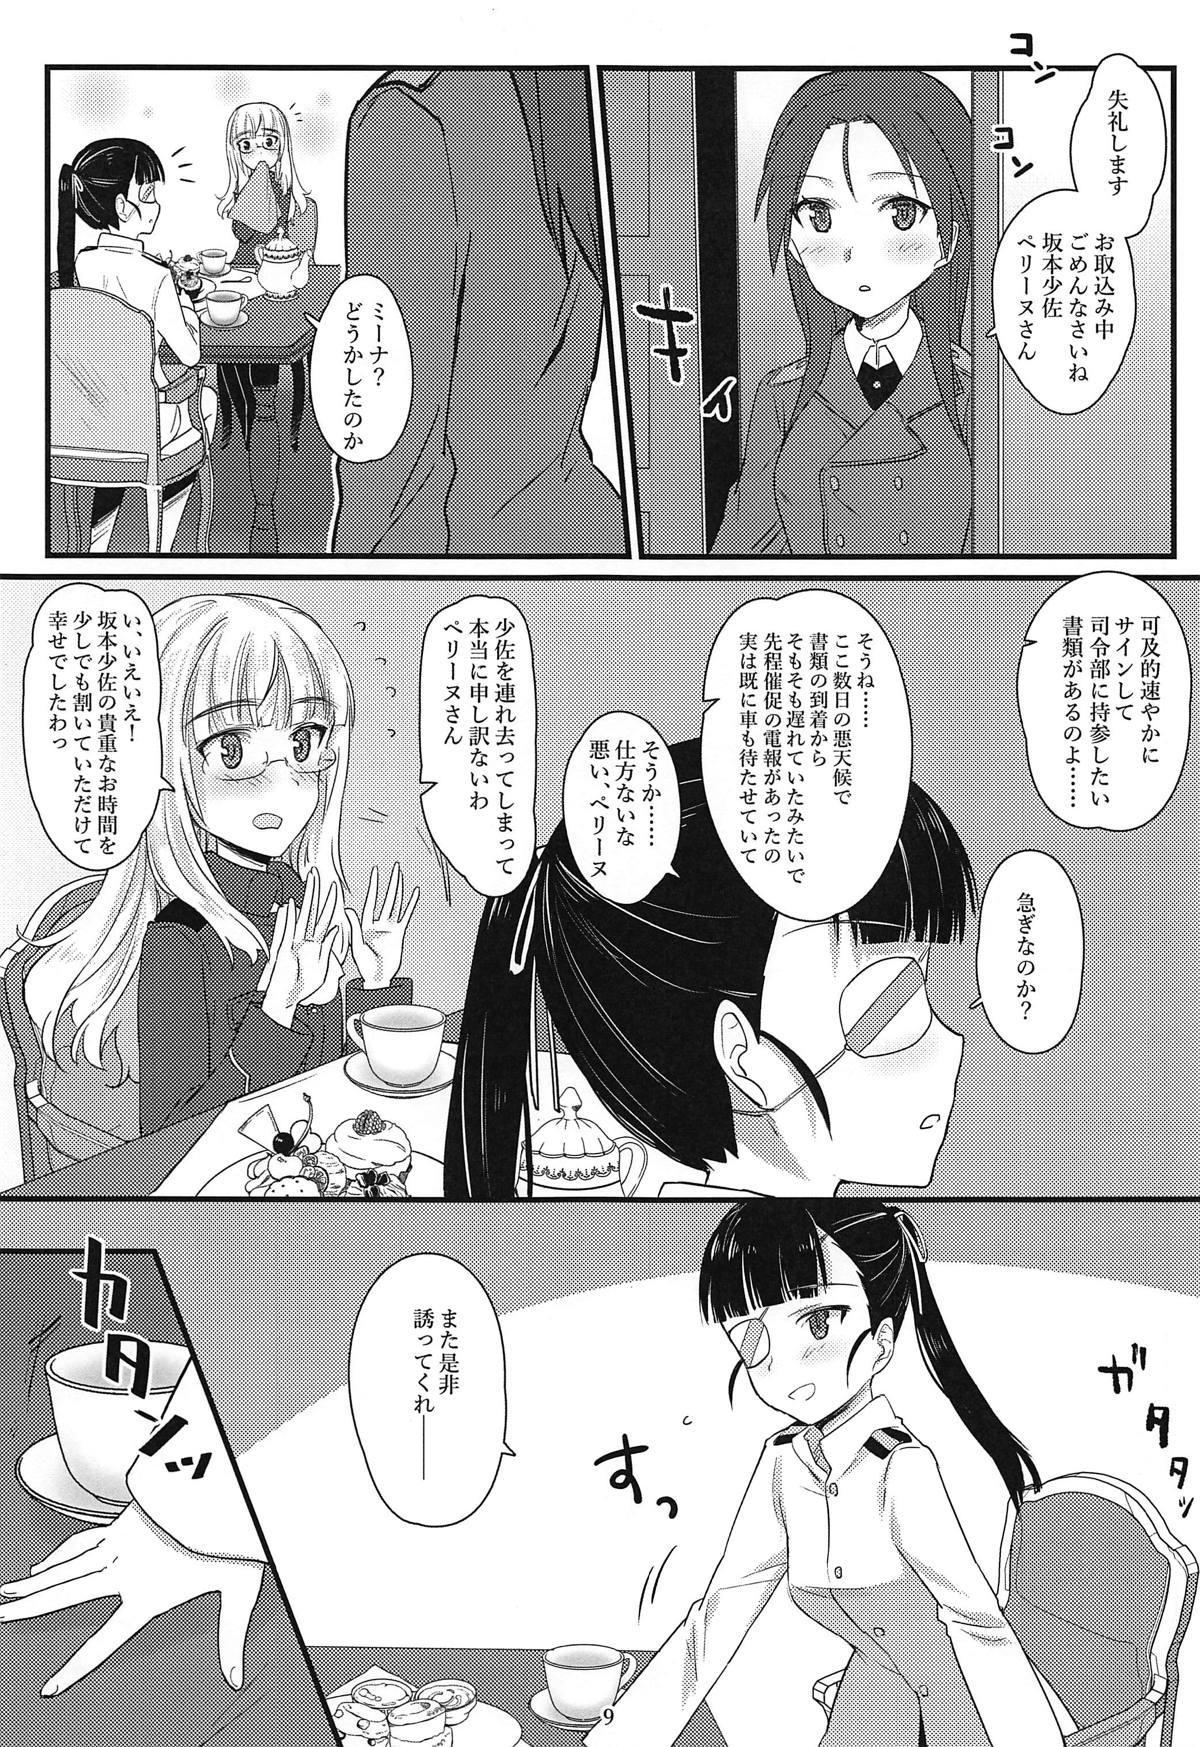 Perrine-san to Tsukue no Kado 7